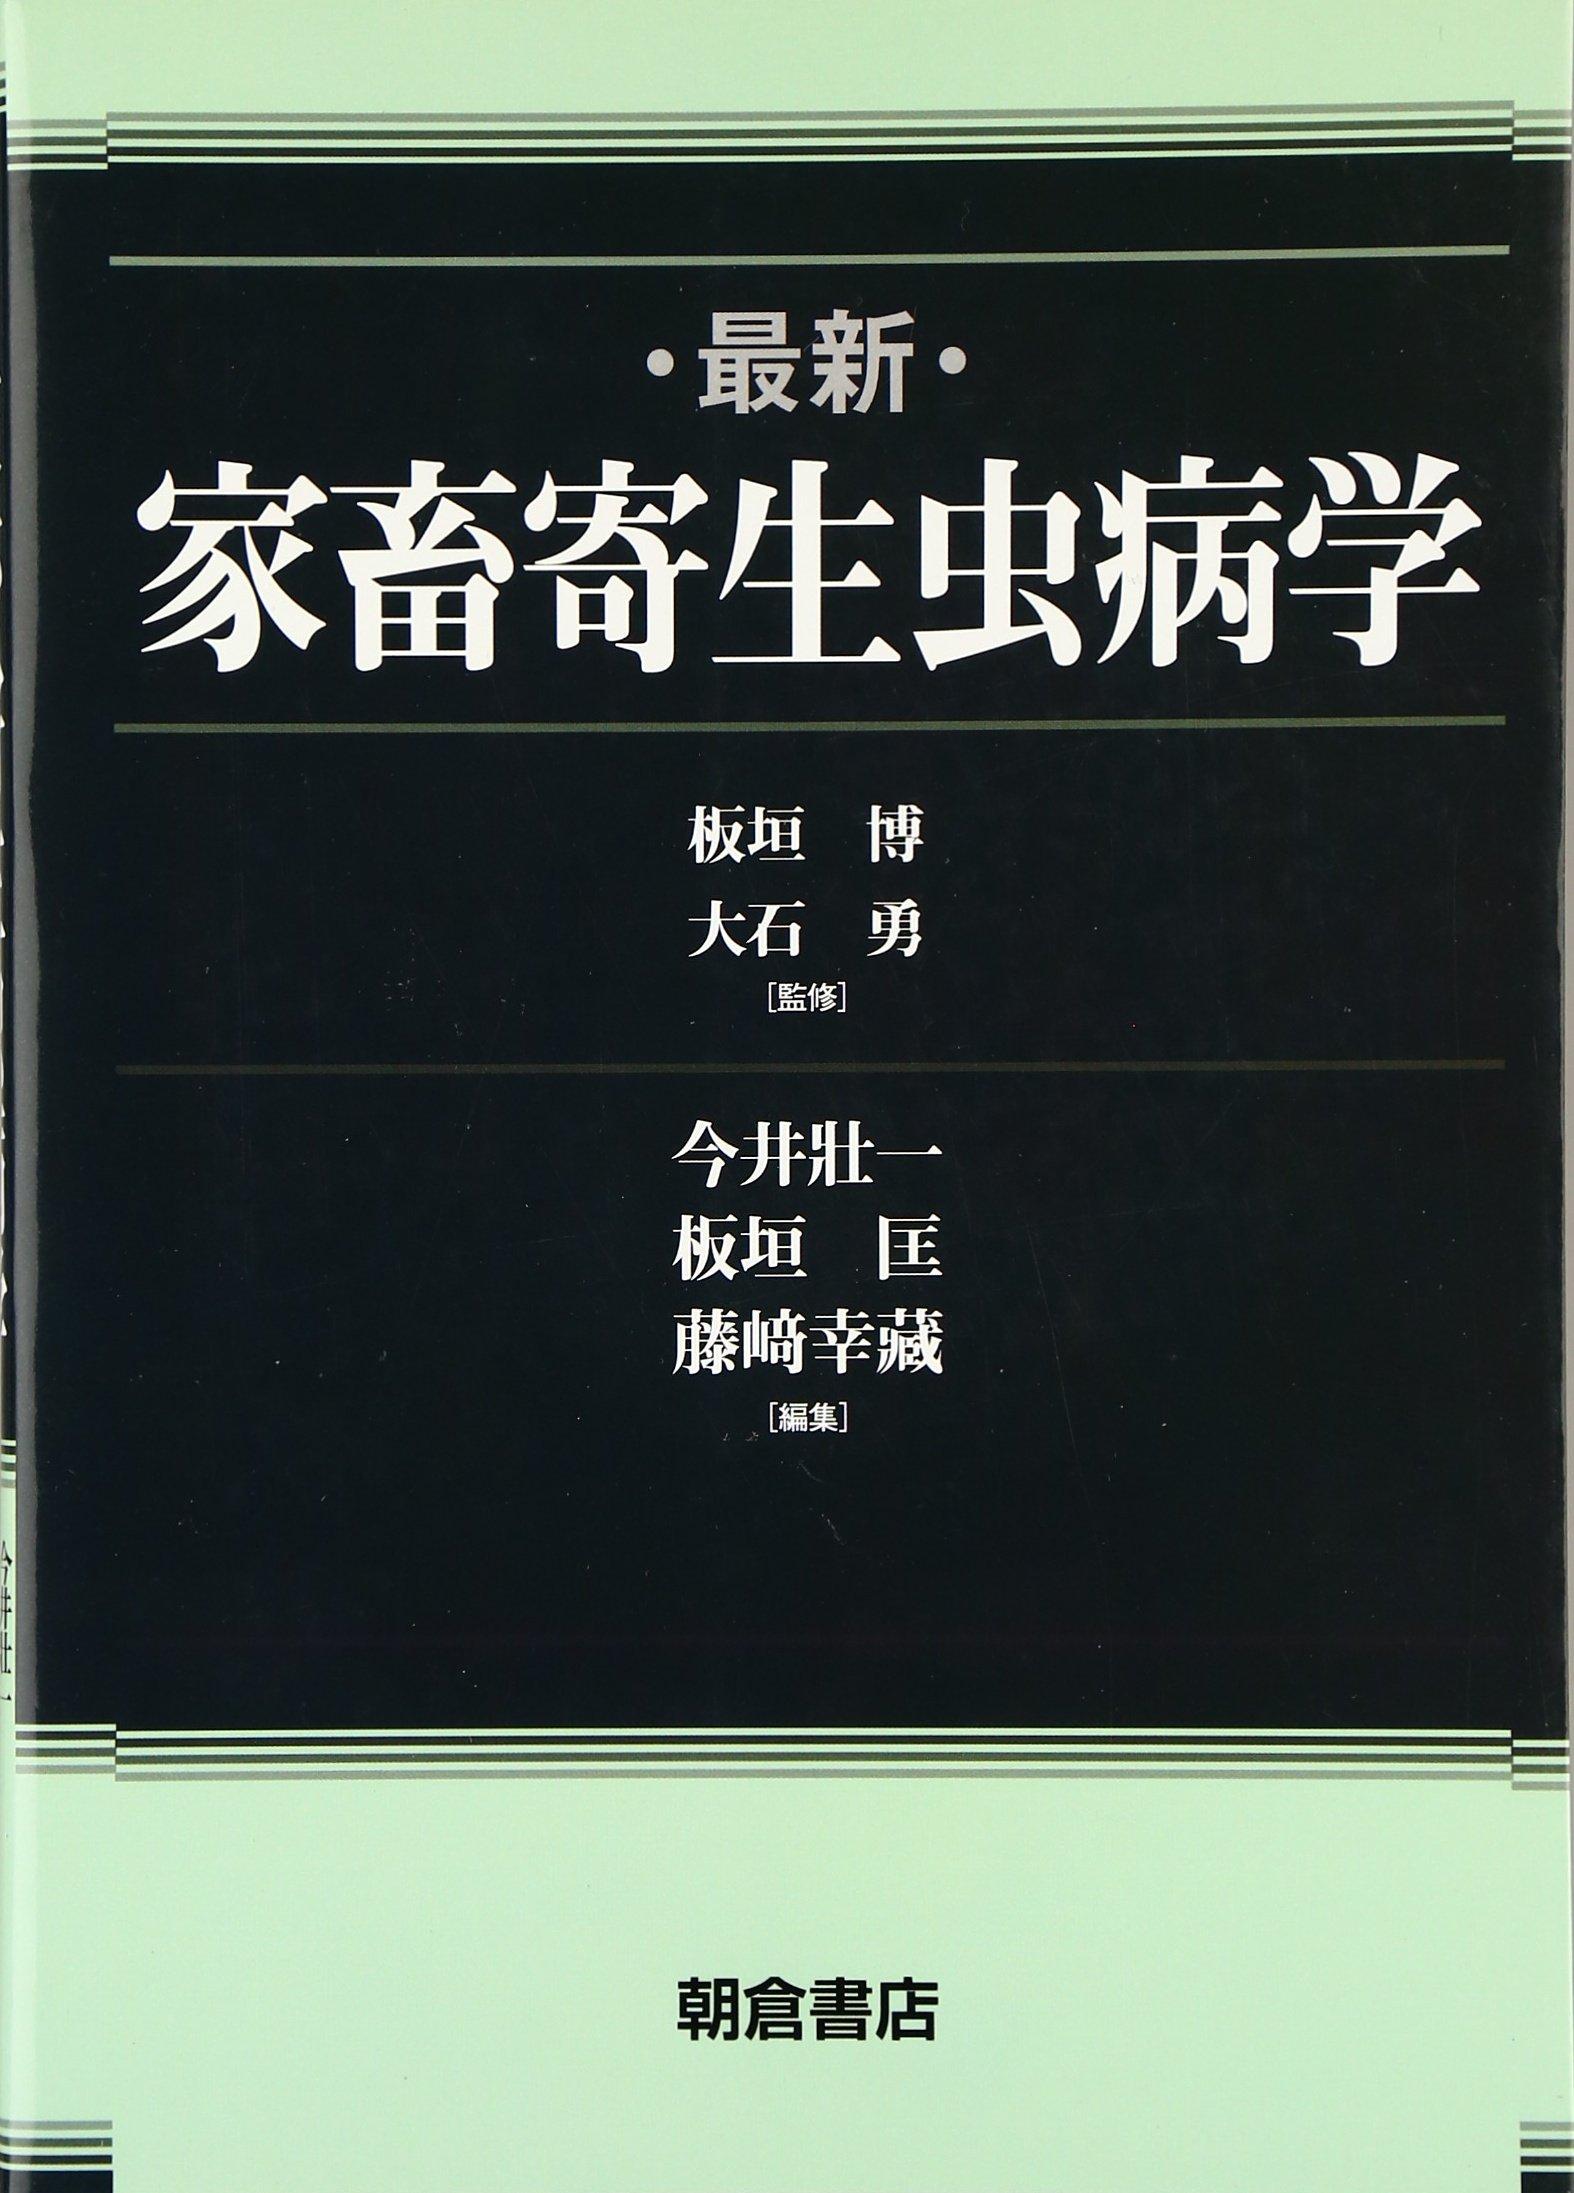 Saishin kachiku kiseichūbyōgaku pdf